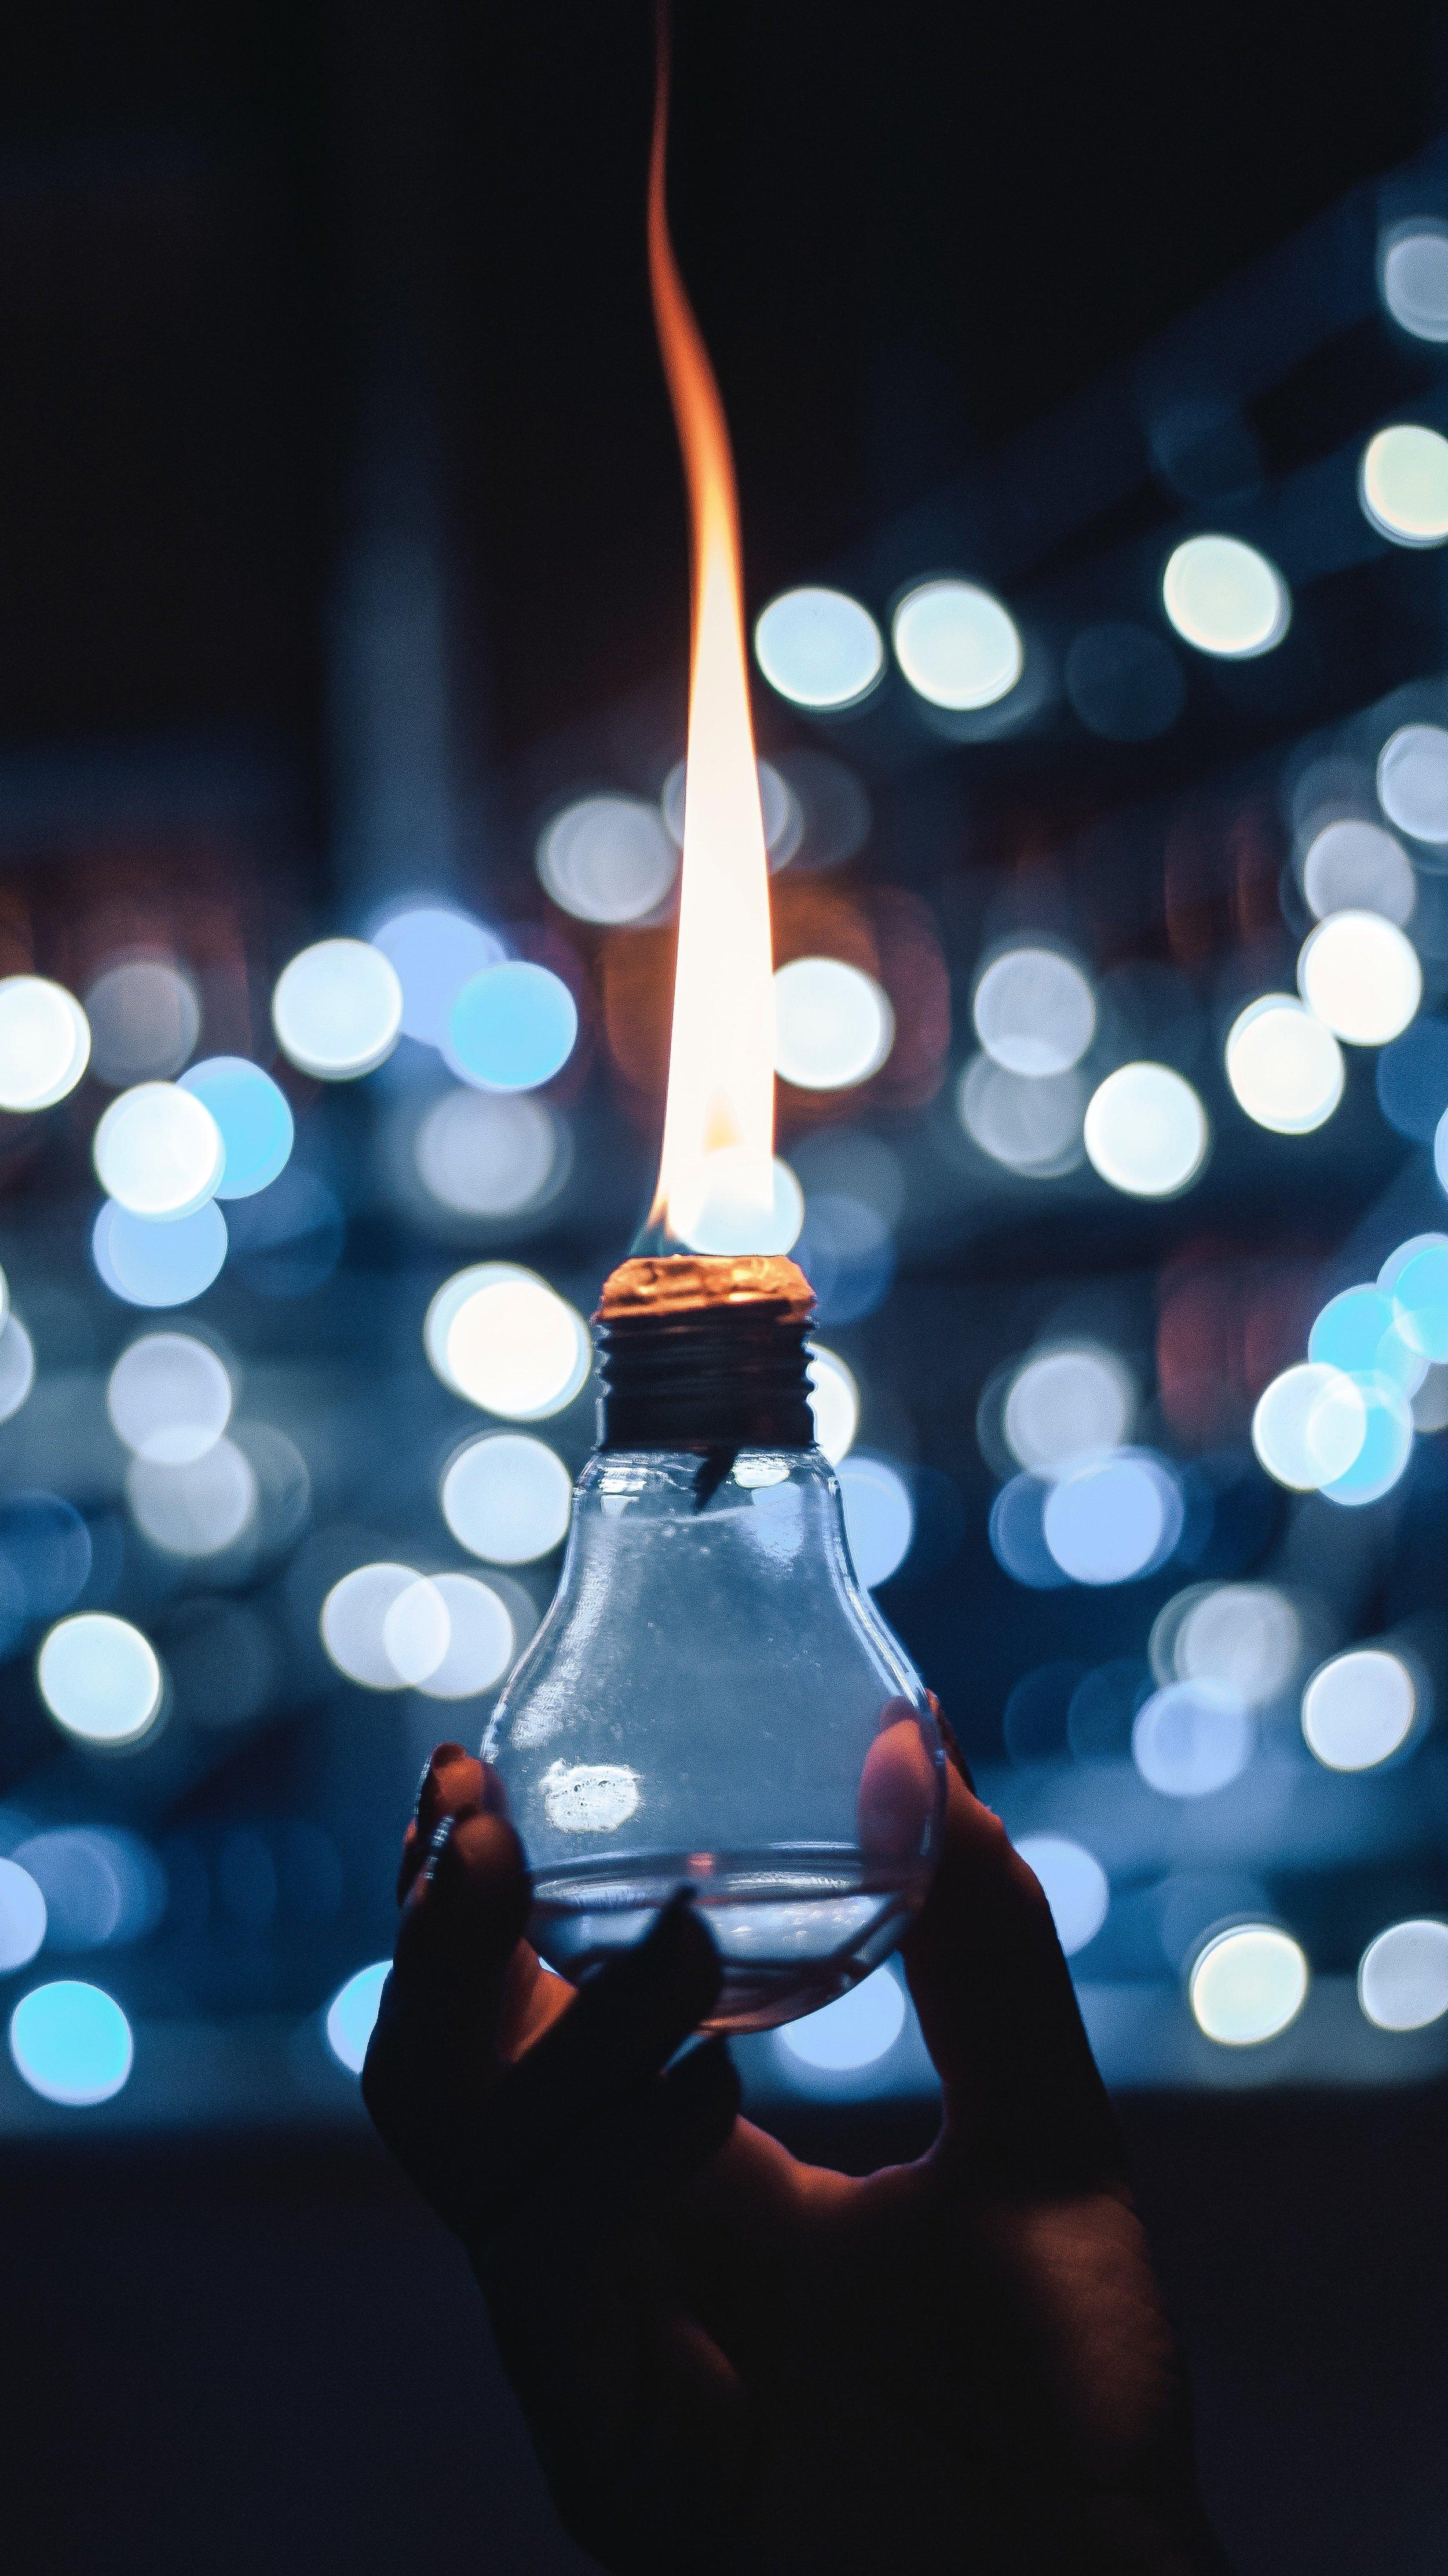 bulb-fire-flame-1226693.jpg